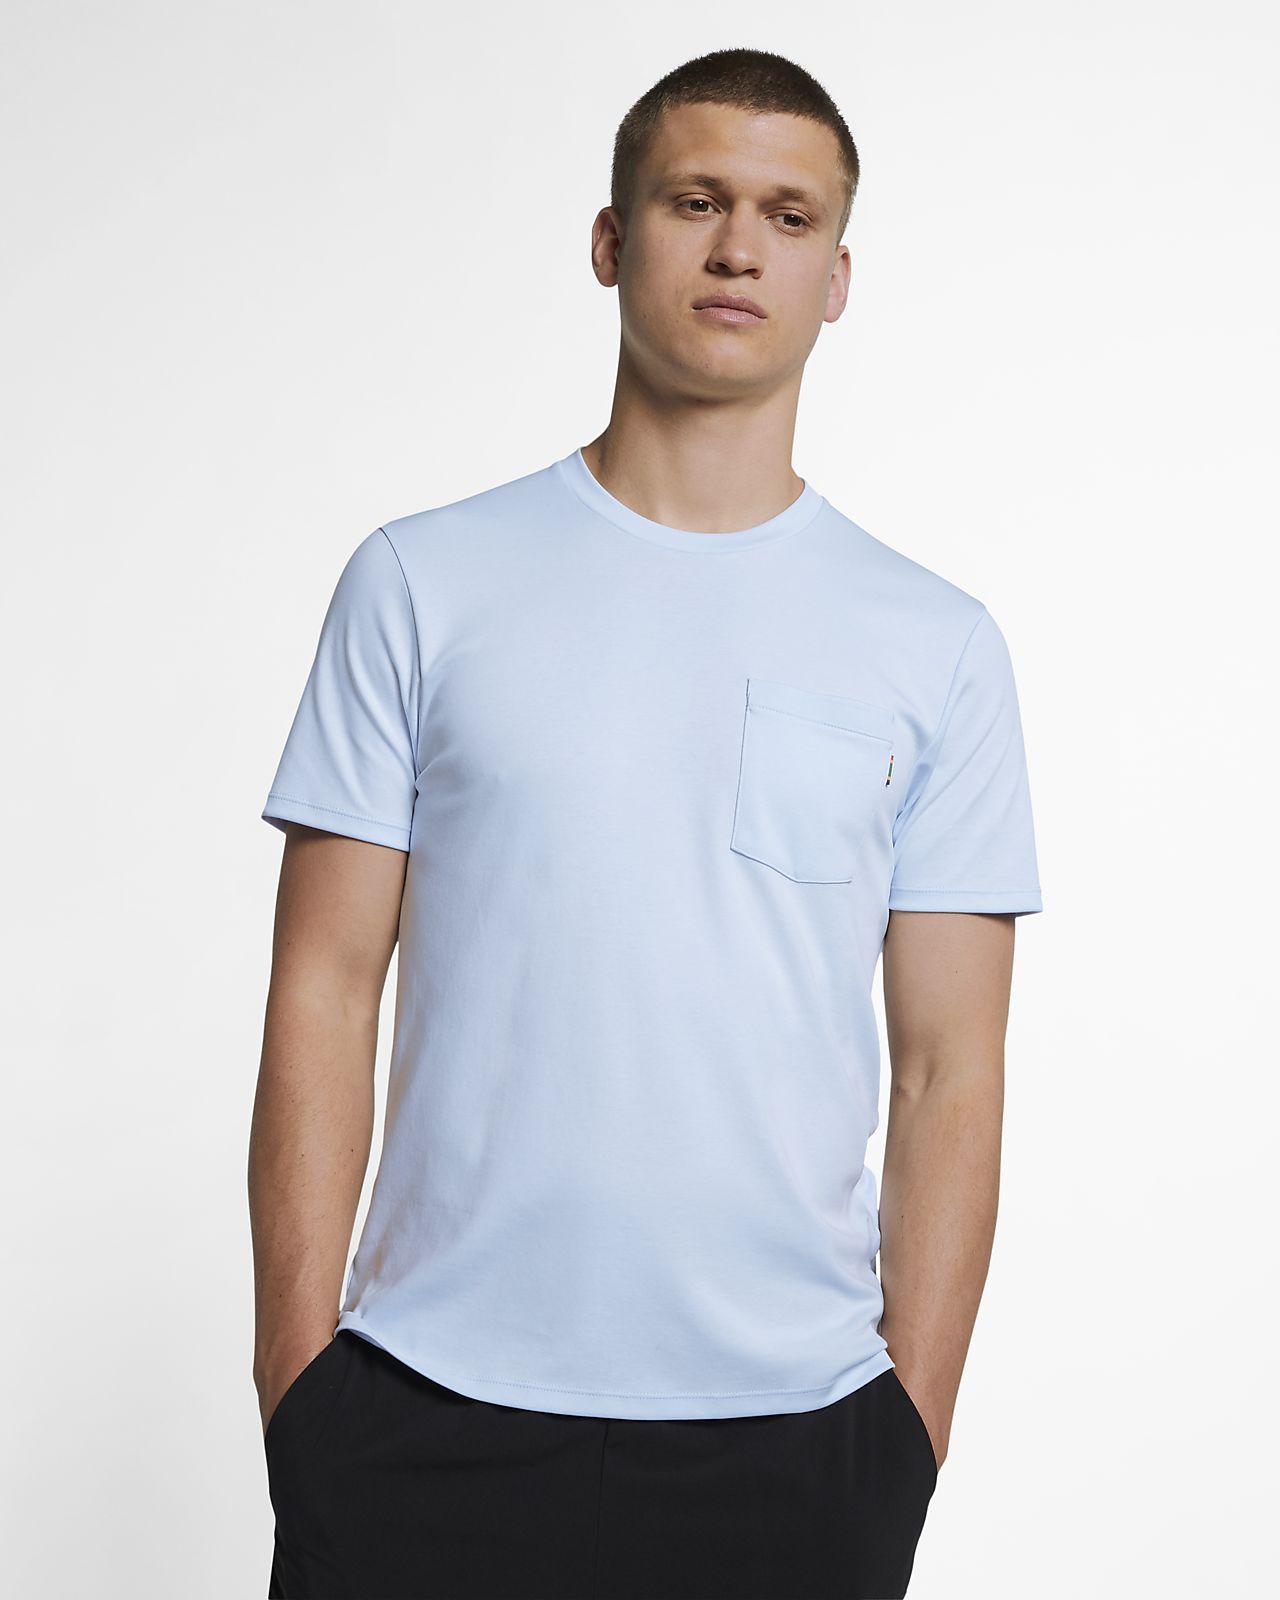 65a827b0a76e Haut de tennis à manches courtes NikeCourt pour Homme. Nike.com BE